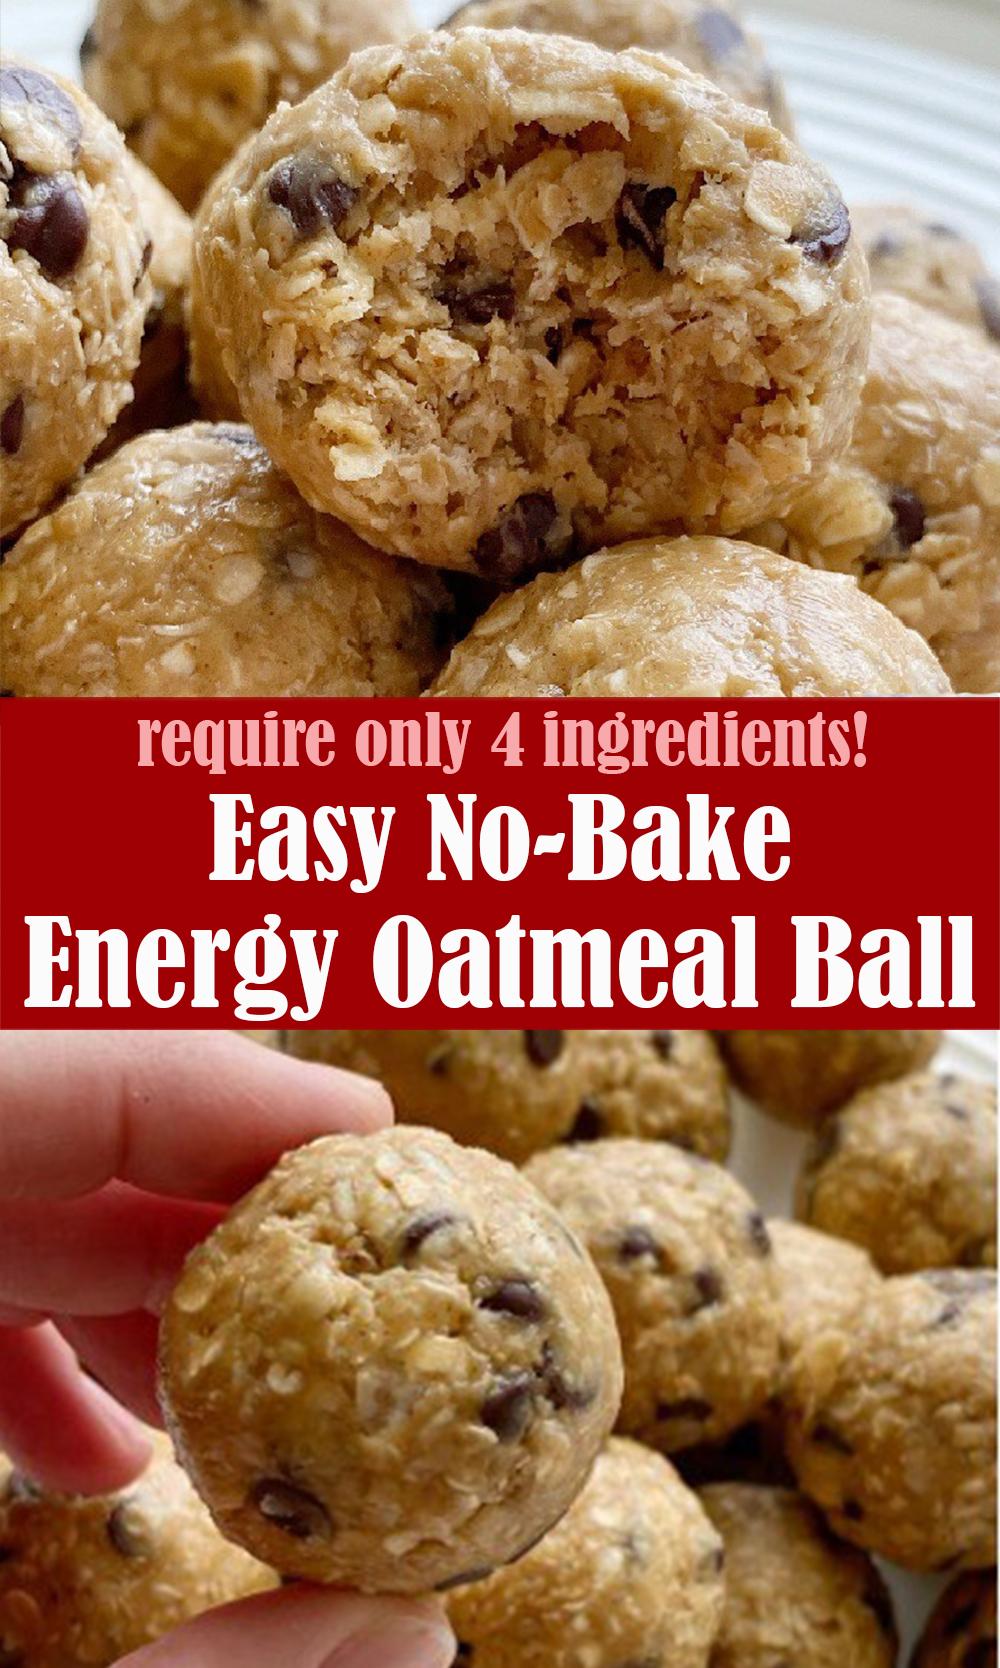 No-Bake Energy Oatmeal Ball